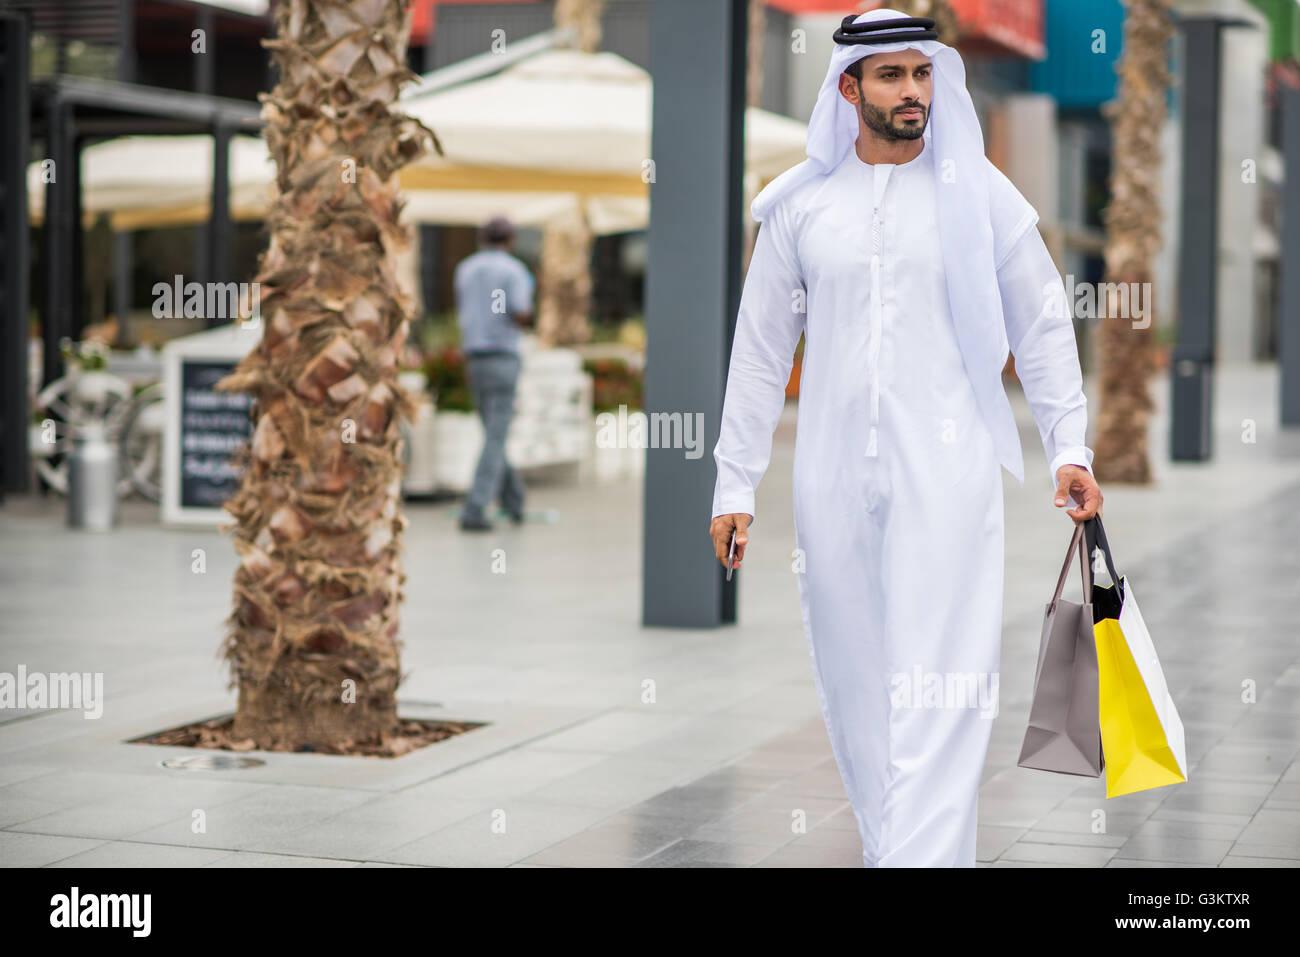 7b32703bd6b61 Hombre vestido con ropa tradicional de Oriente Medio caminando por la calle  llevando bolsas de compras, Dubai, Emiratos Árabes Unidos.